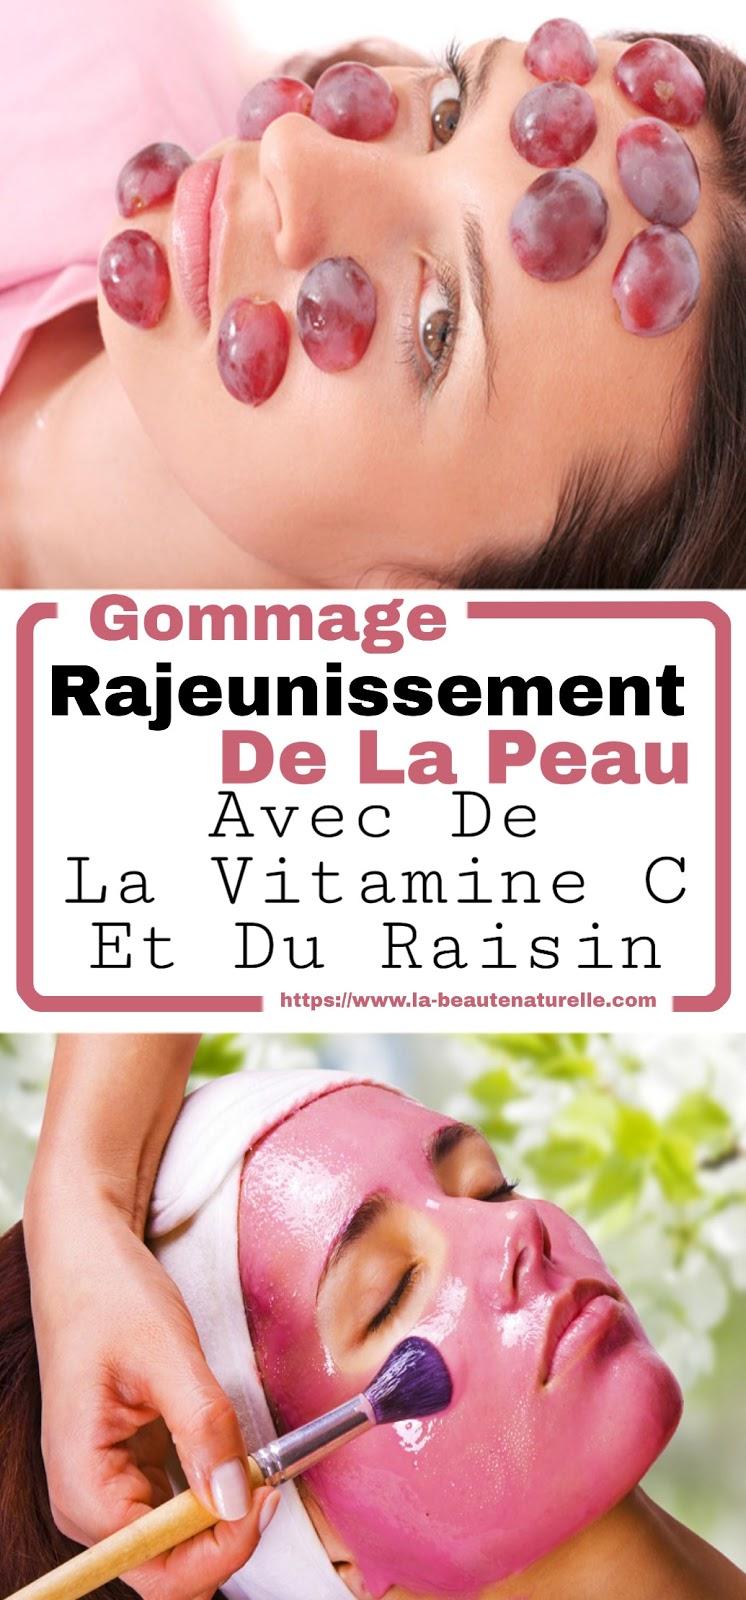 Gommage Rajeunissement De La Peau Avec De La Vitamine C Et Du Raisin